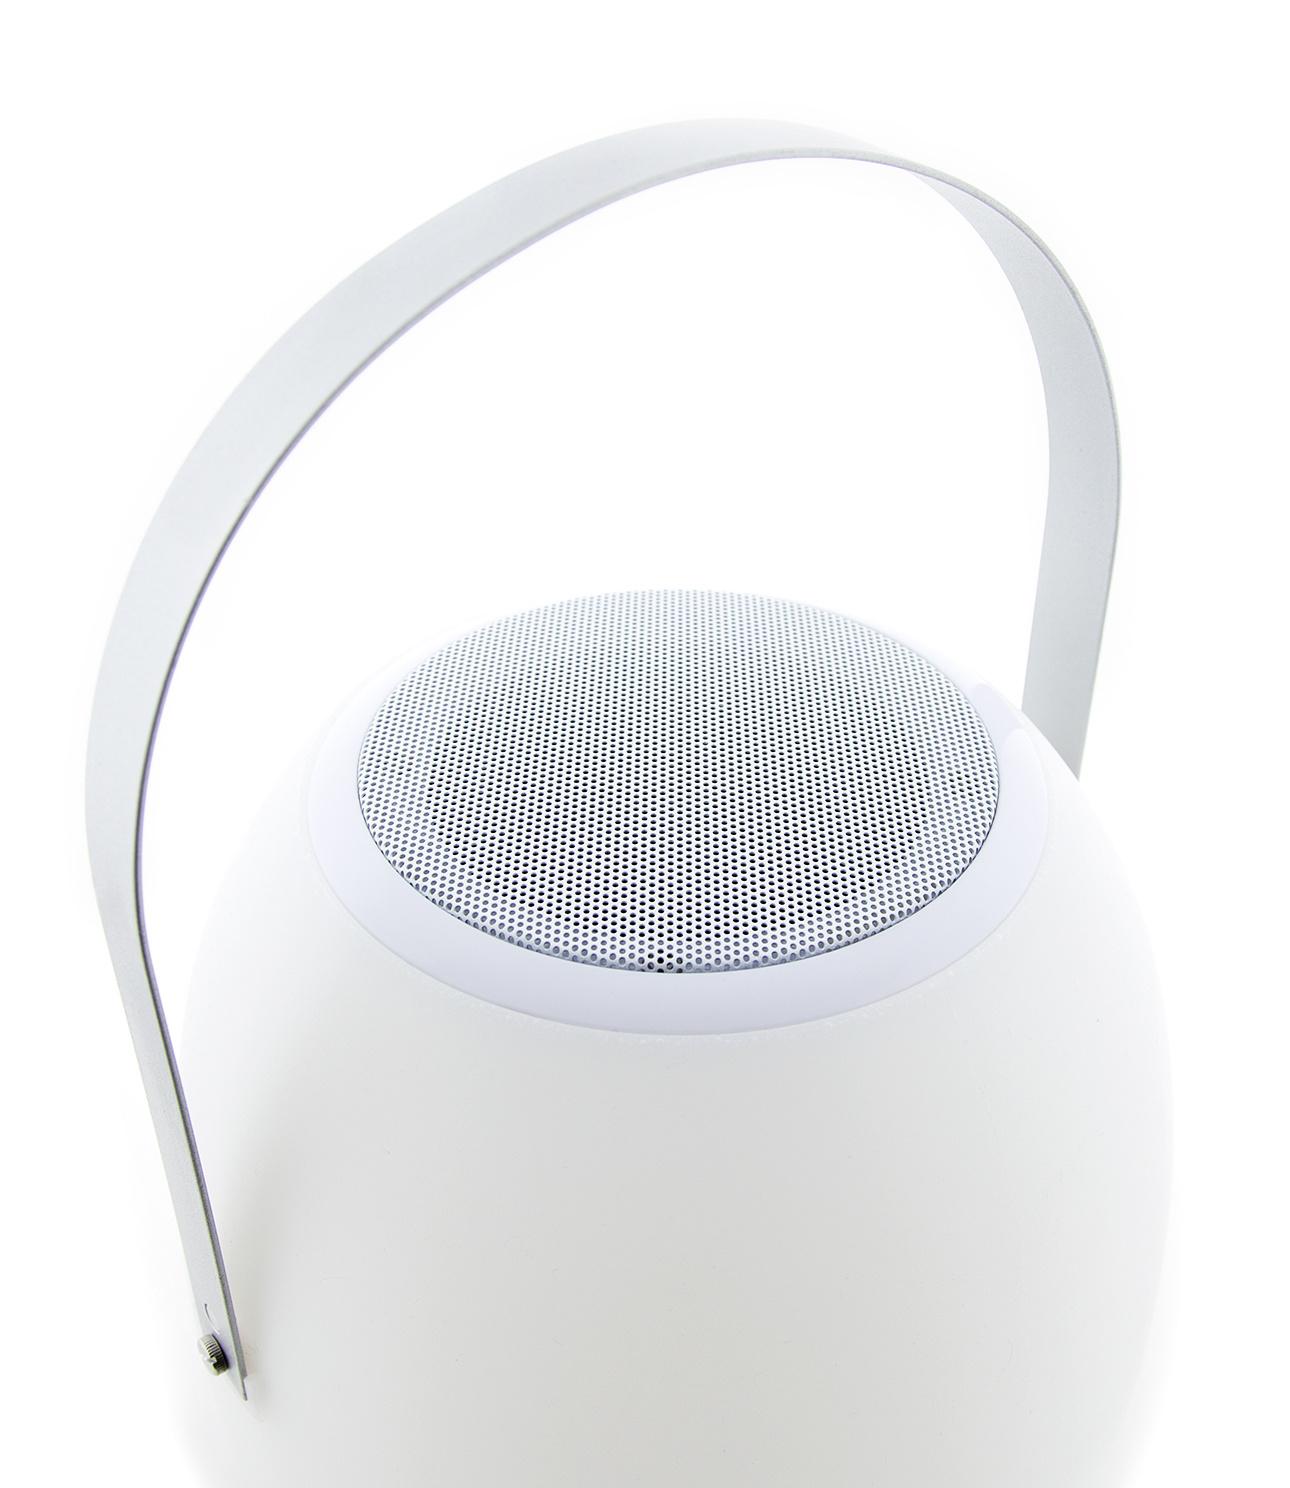 Tischlampe im Freien Pine + Lautsprecher Walnuss-8